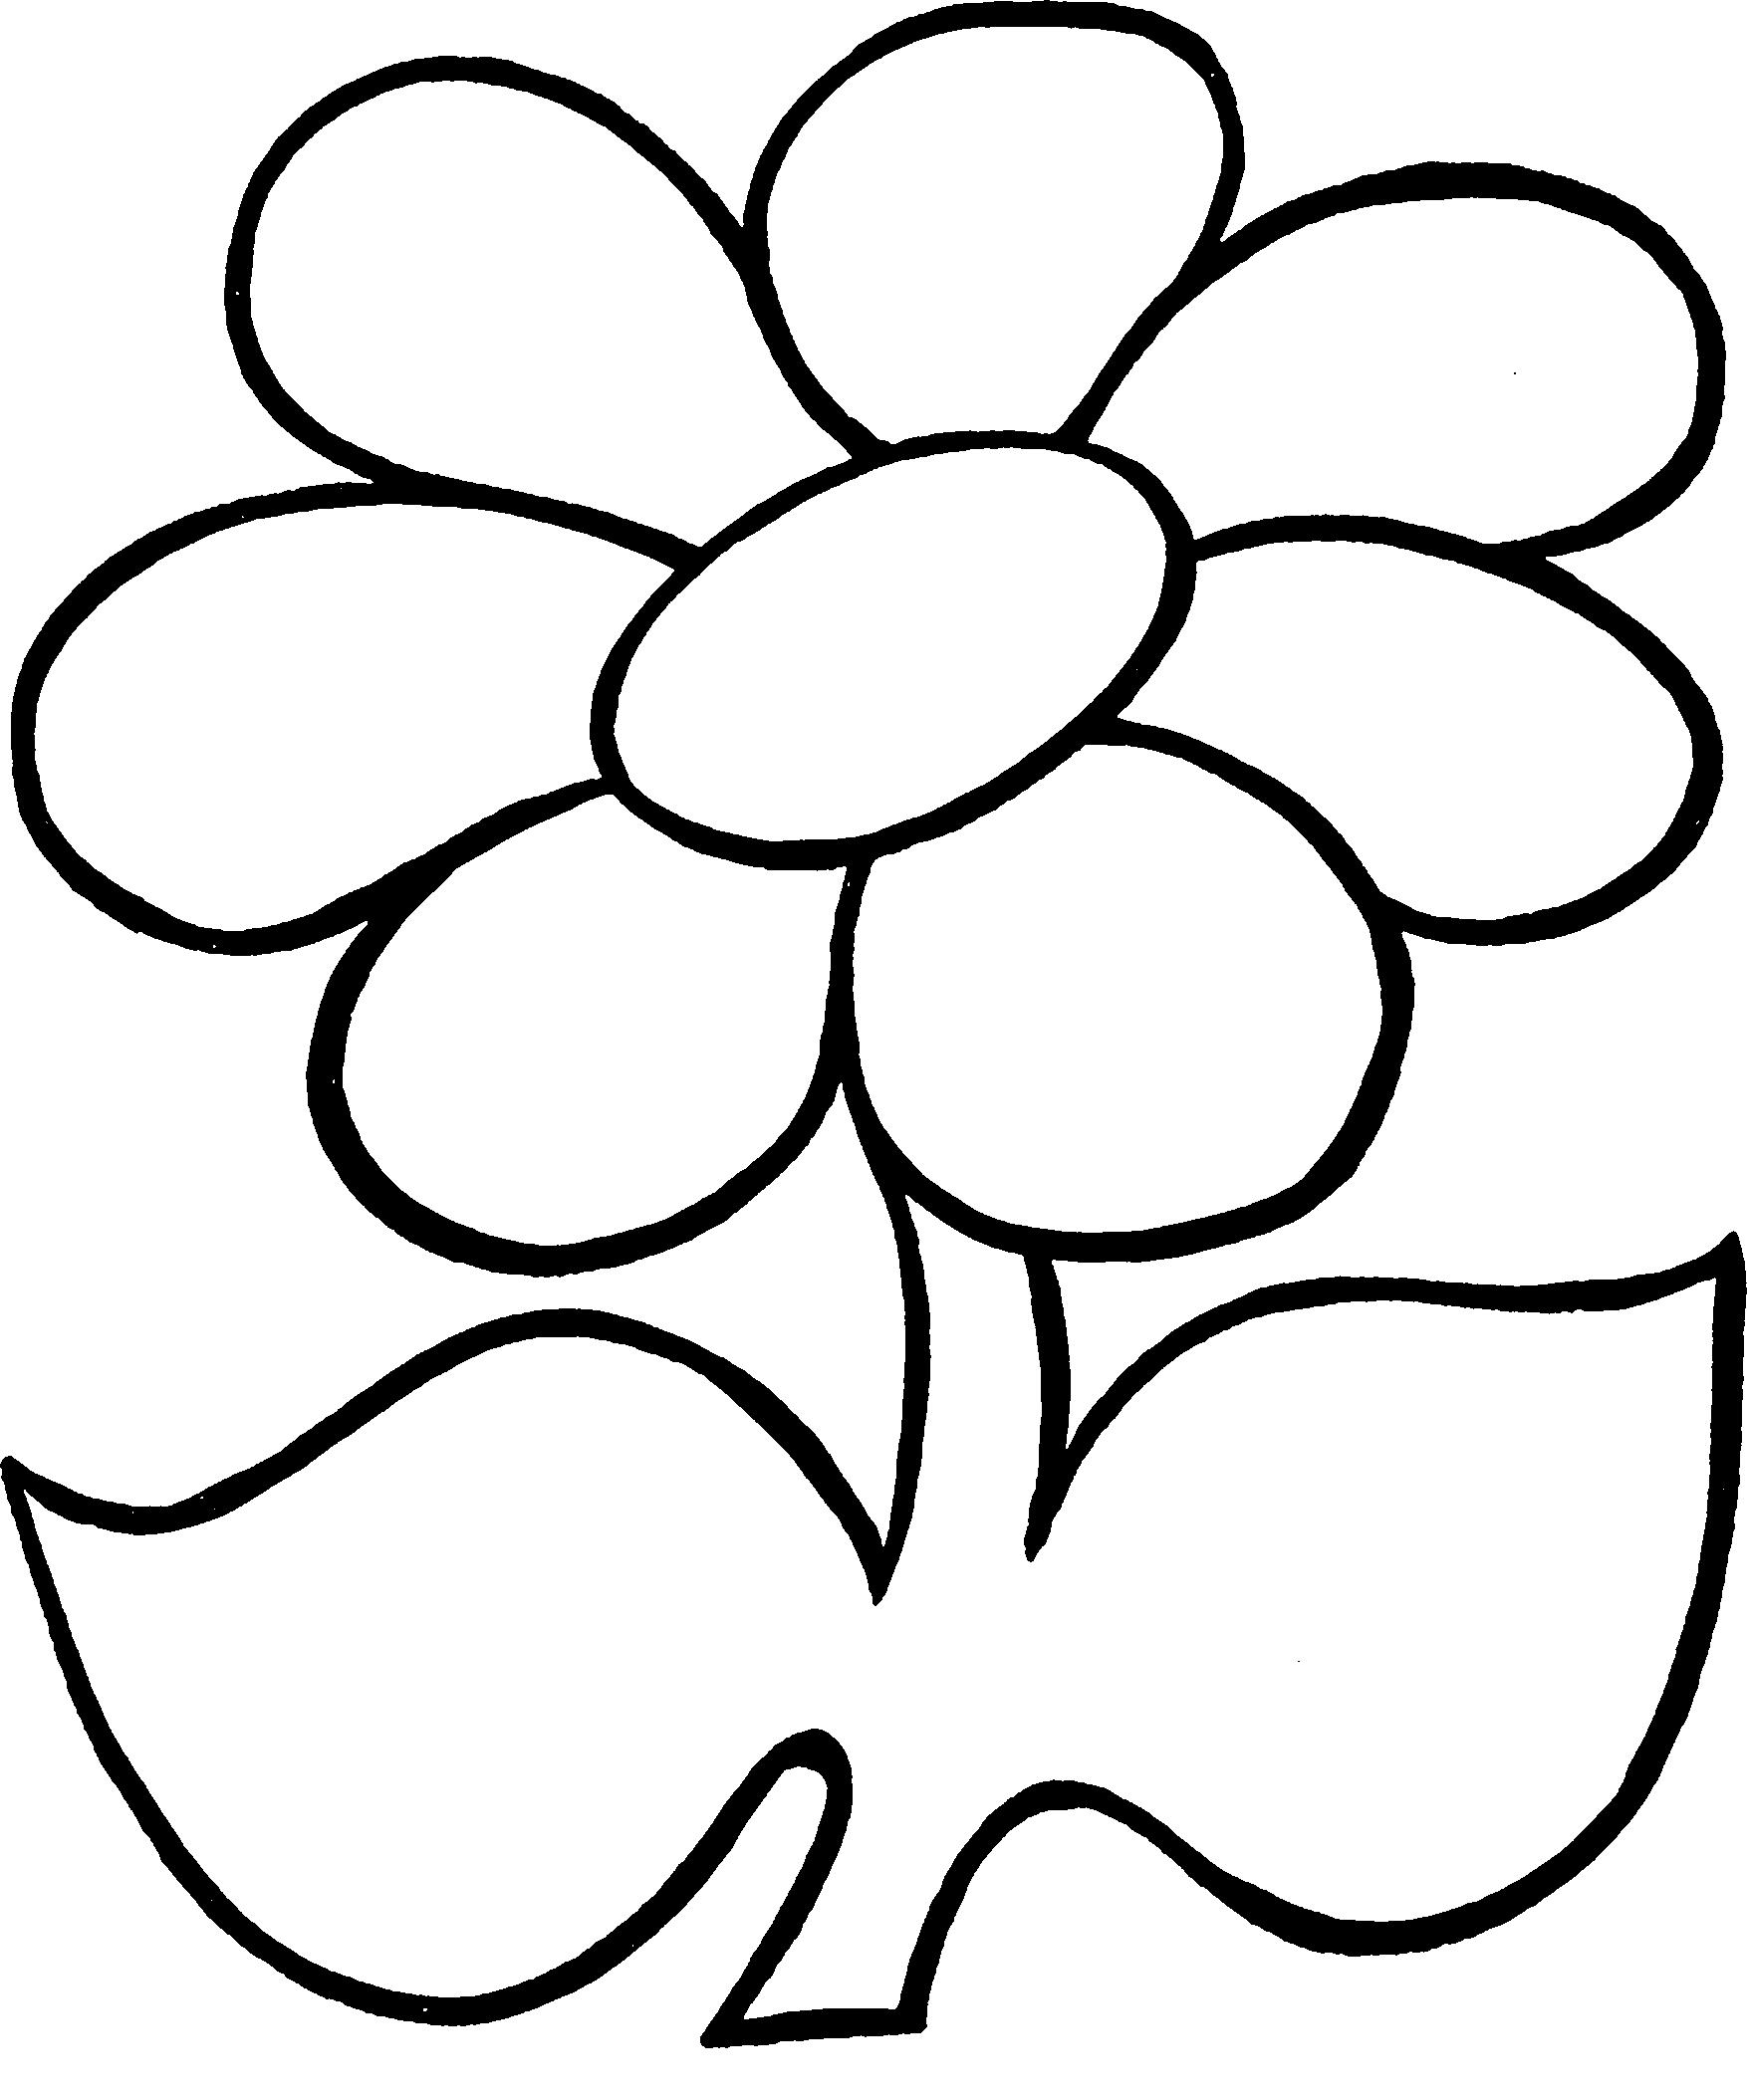 его кусочек рисование пластилином картинки шаблоны страусов